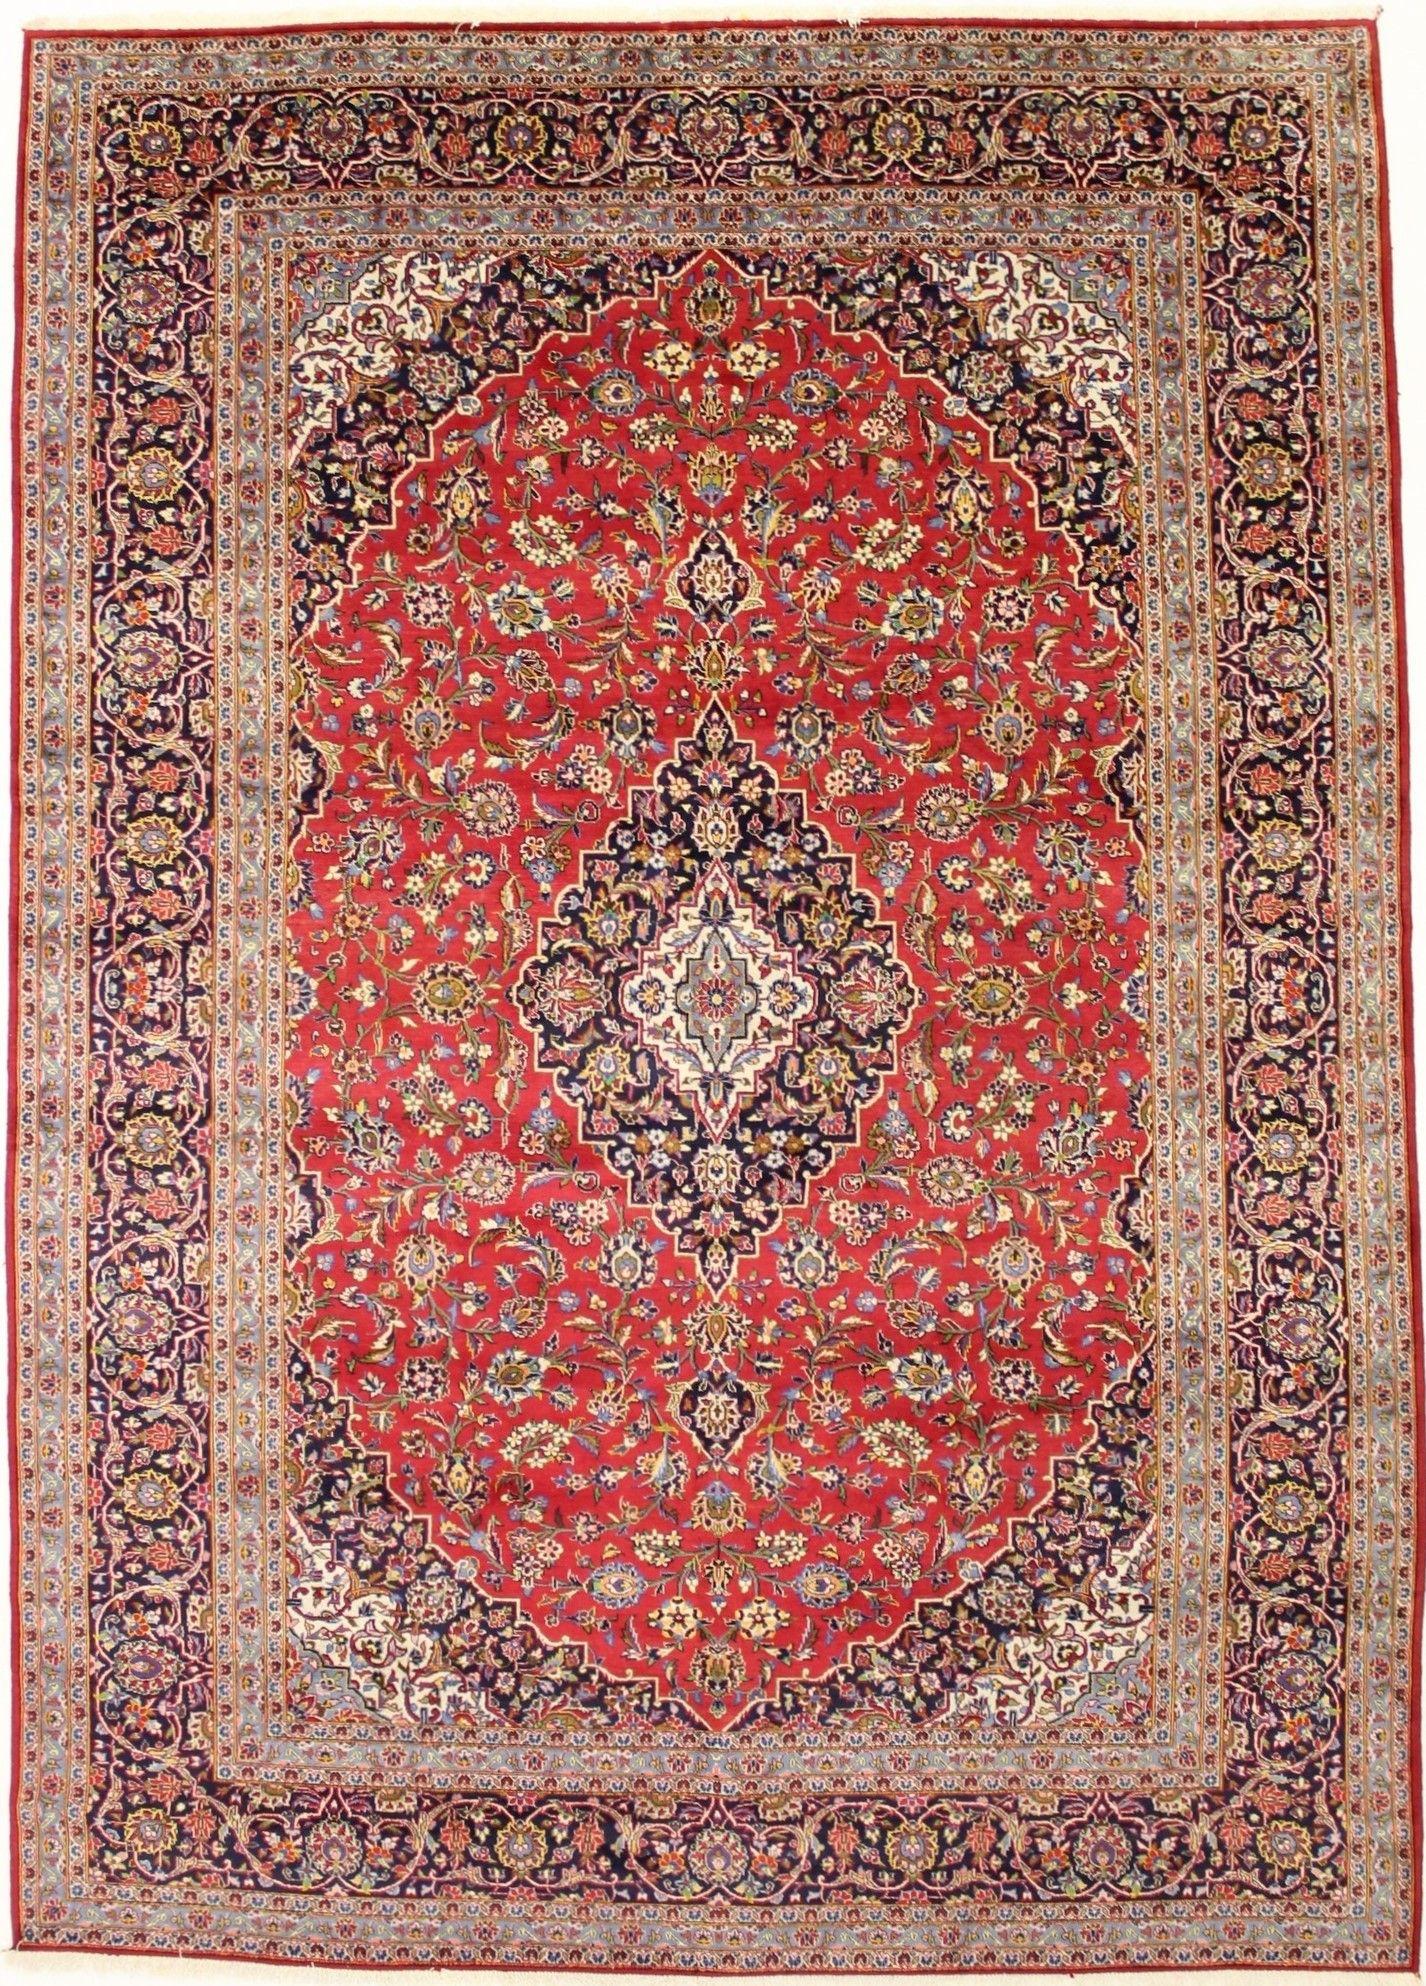 Kashan persian rug 10x13 vintage handmade persian rugs store in 9315 monroe road charlotte nc